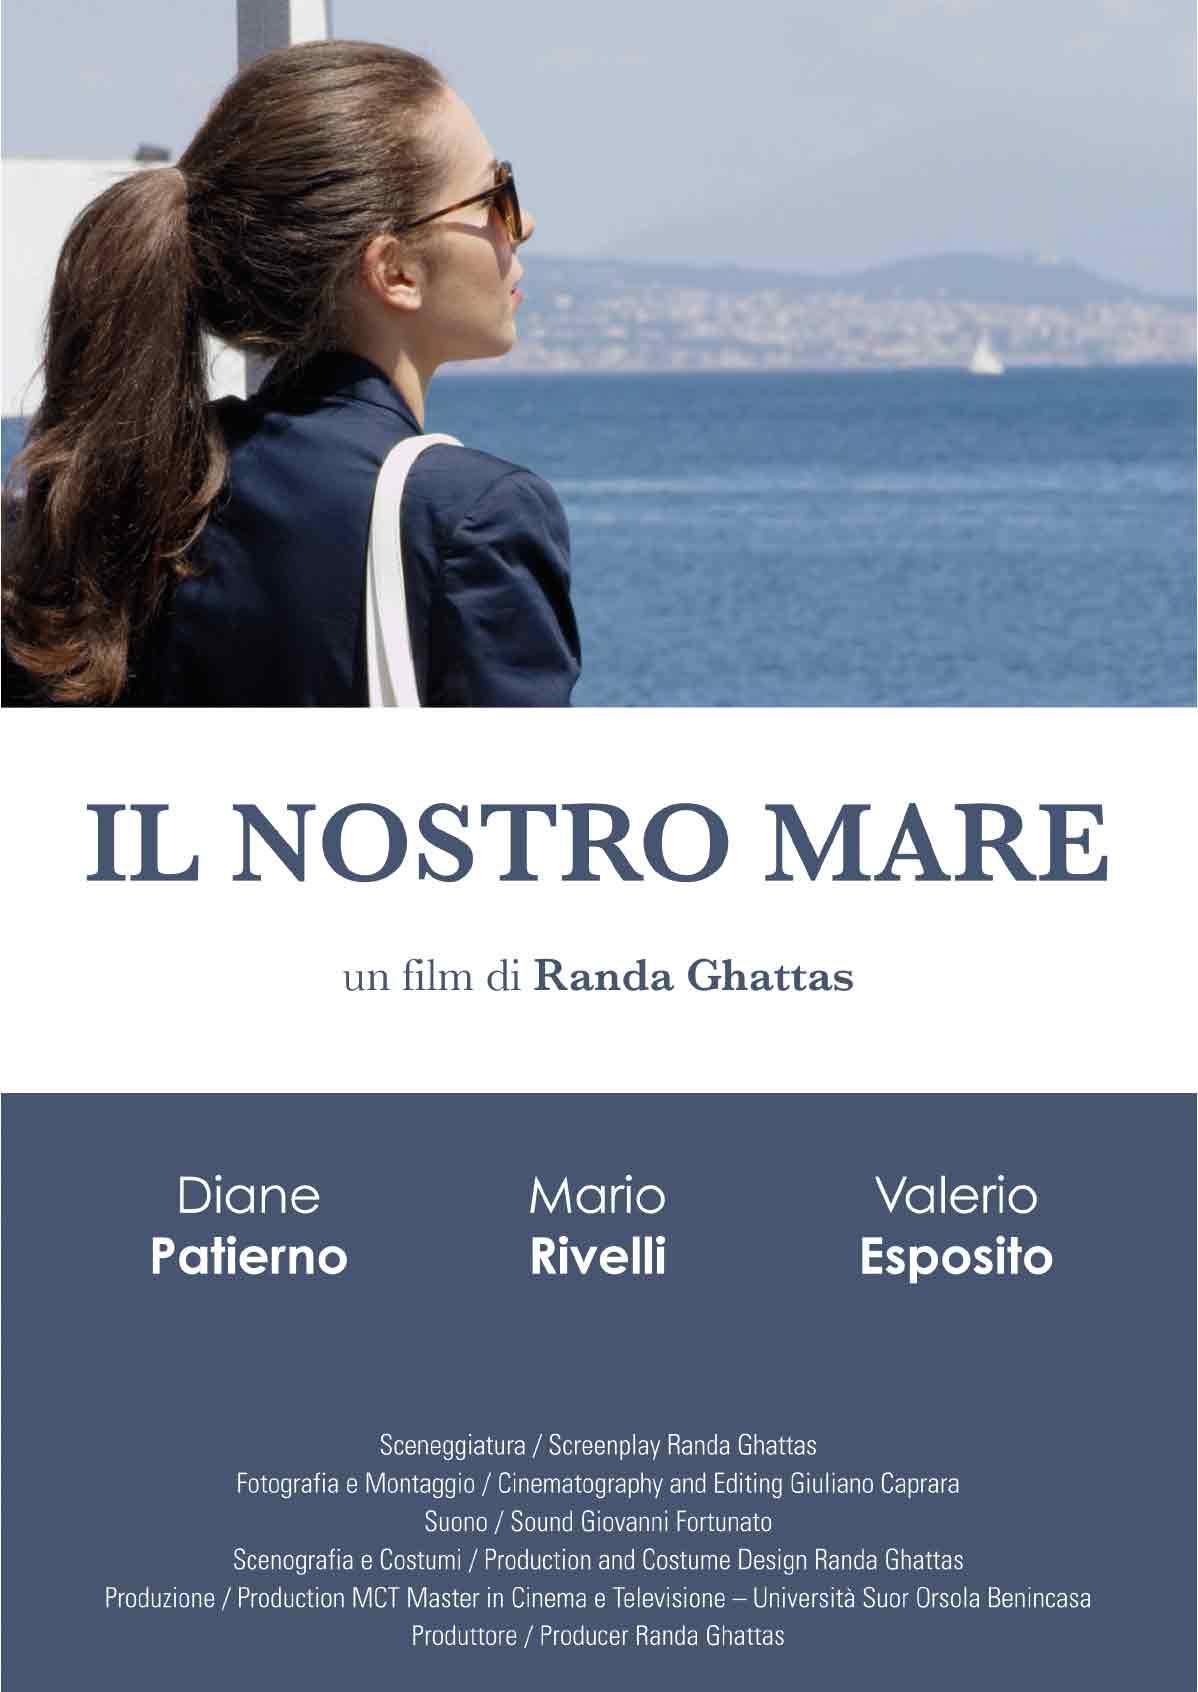 Il nostro mare poster MR8 Productions